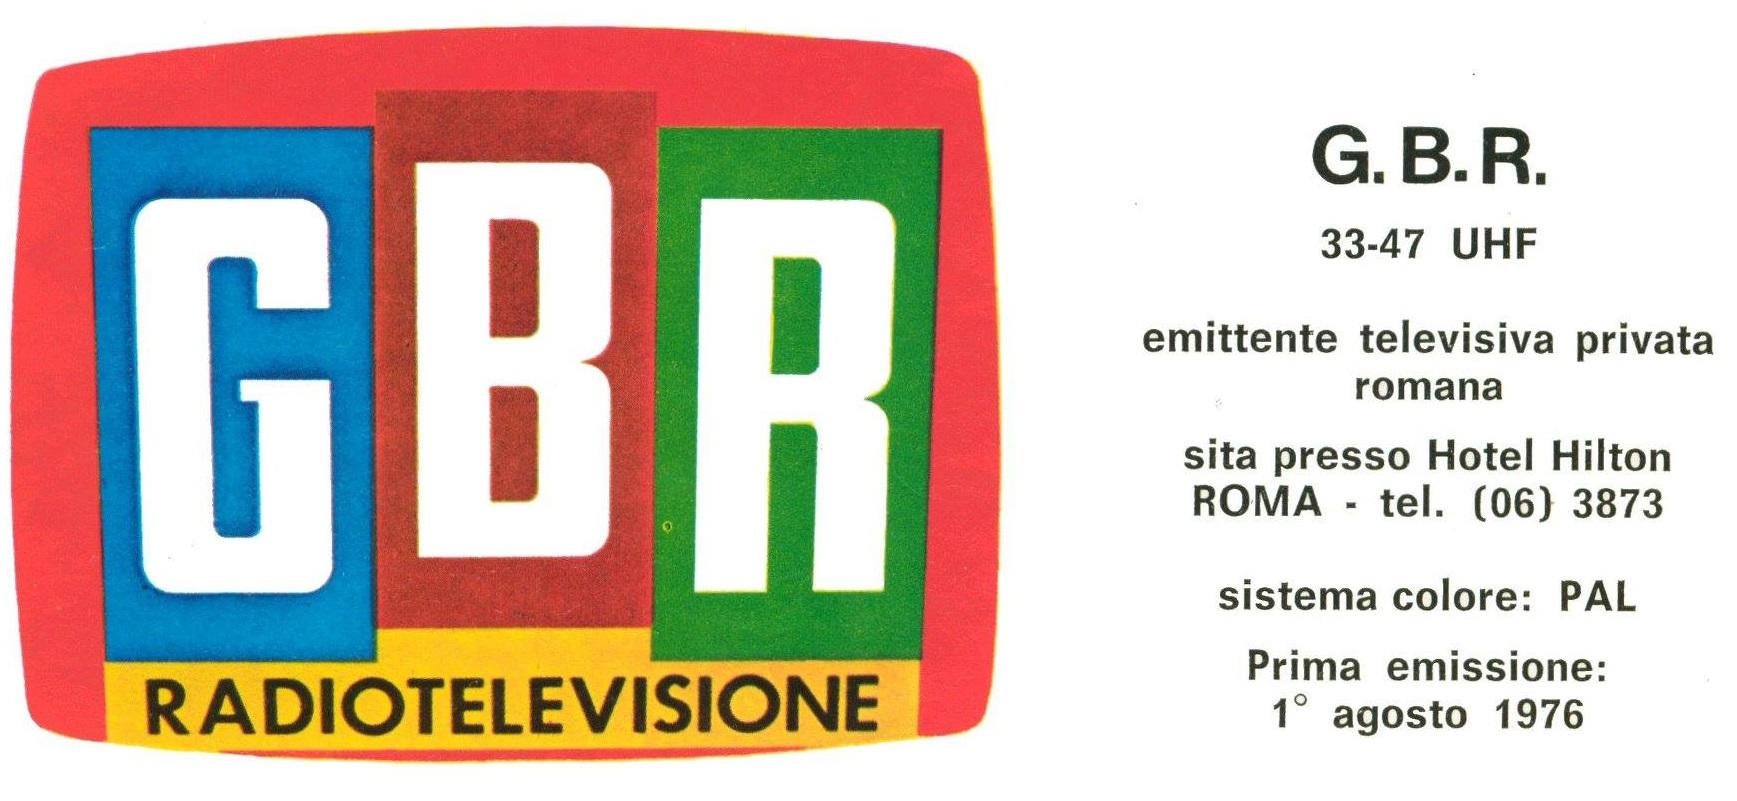 GBR Roma 1979 - Storia della radiotelevisione italiana. Roma, 1980: GBR Antenna Italia, prima rete nazionale interconnessa?